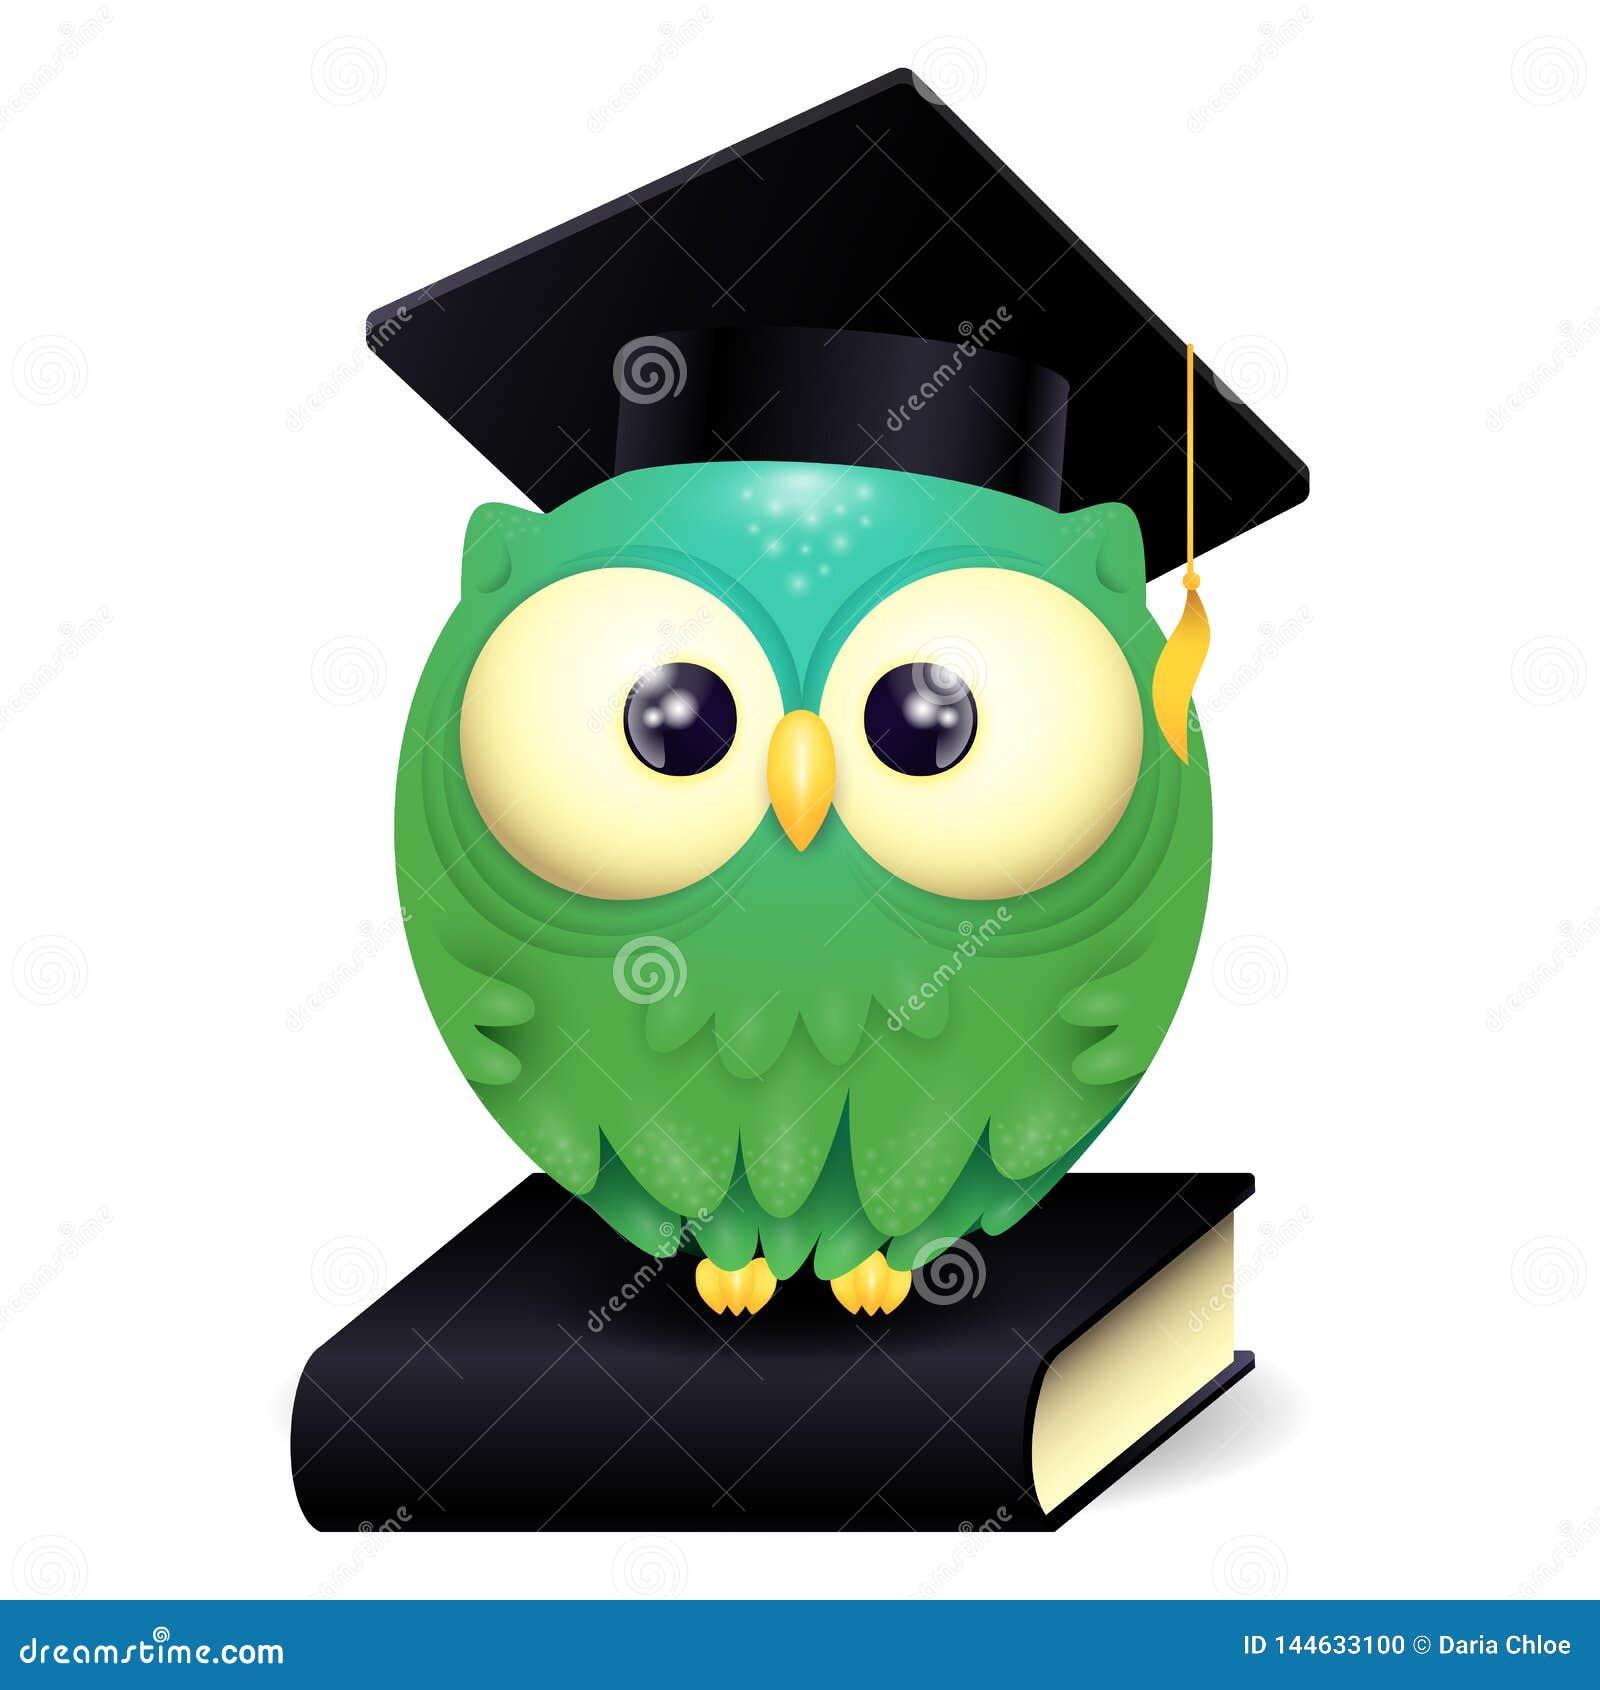 Vektorillustration av lock och att sitta för avläggande av examen för gullig lillteuggla ett bärande på en svart bok